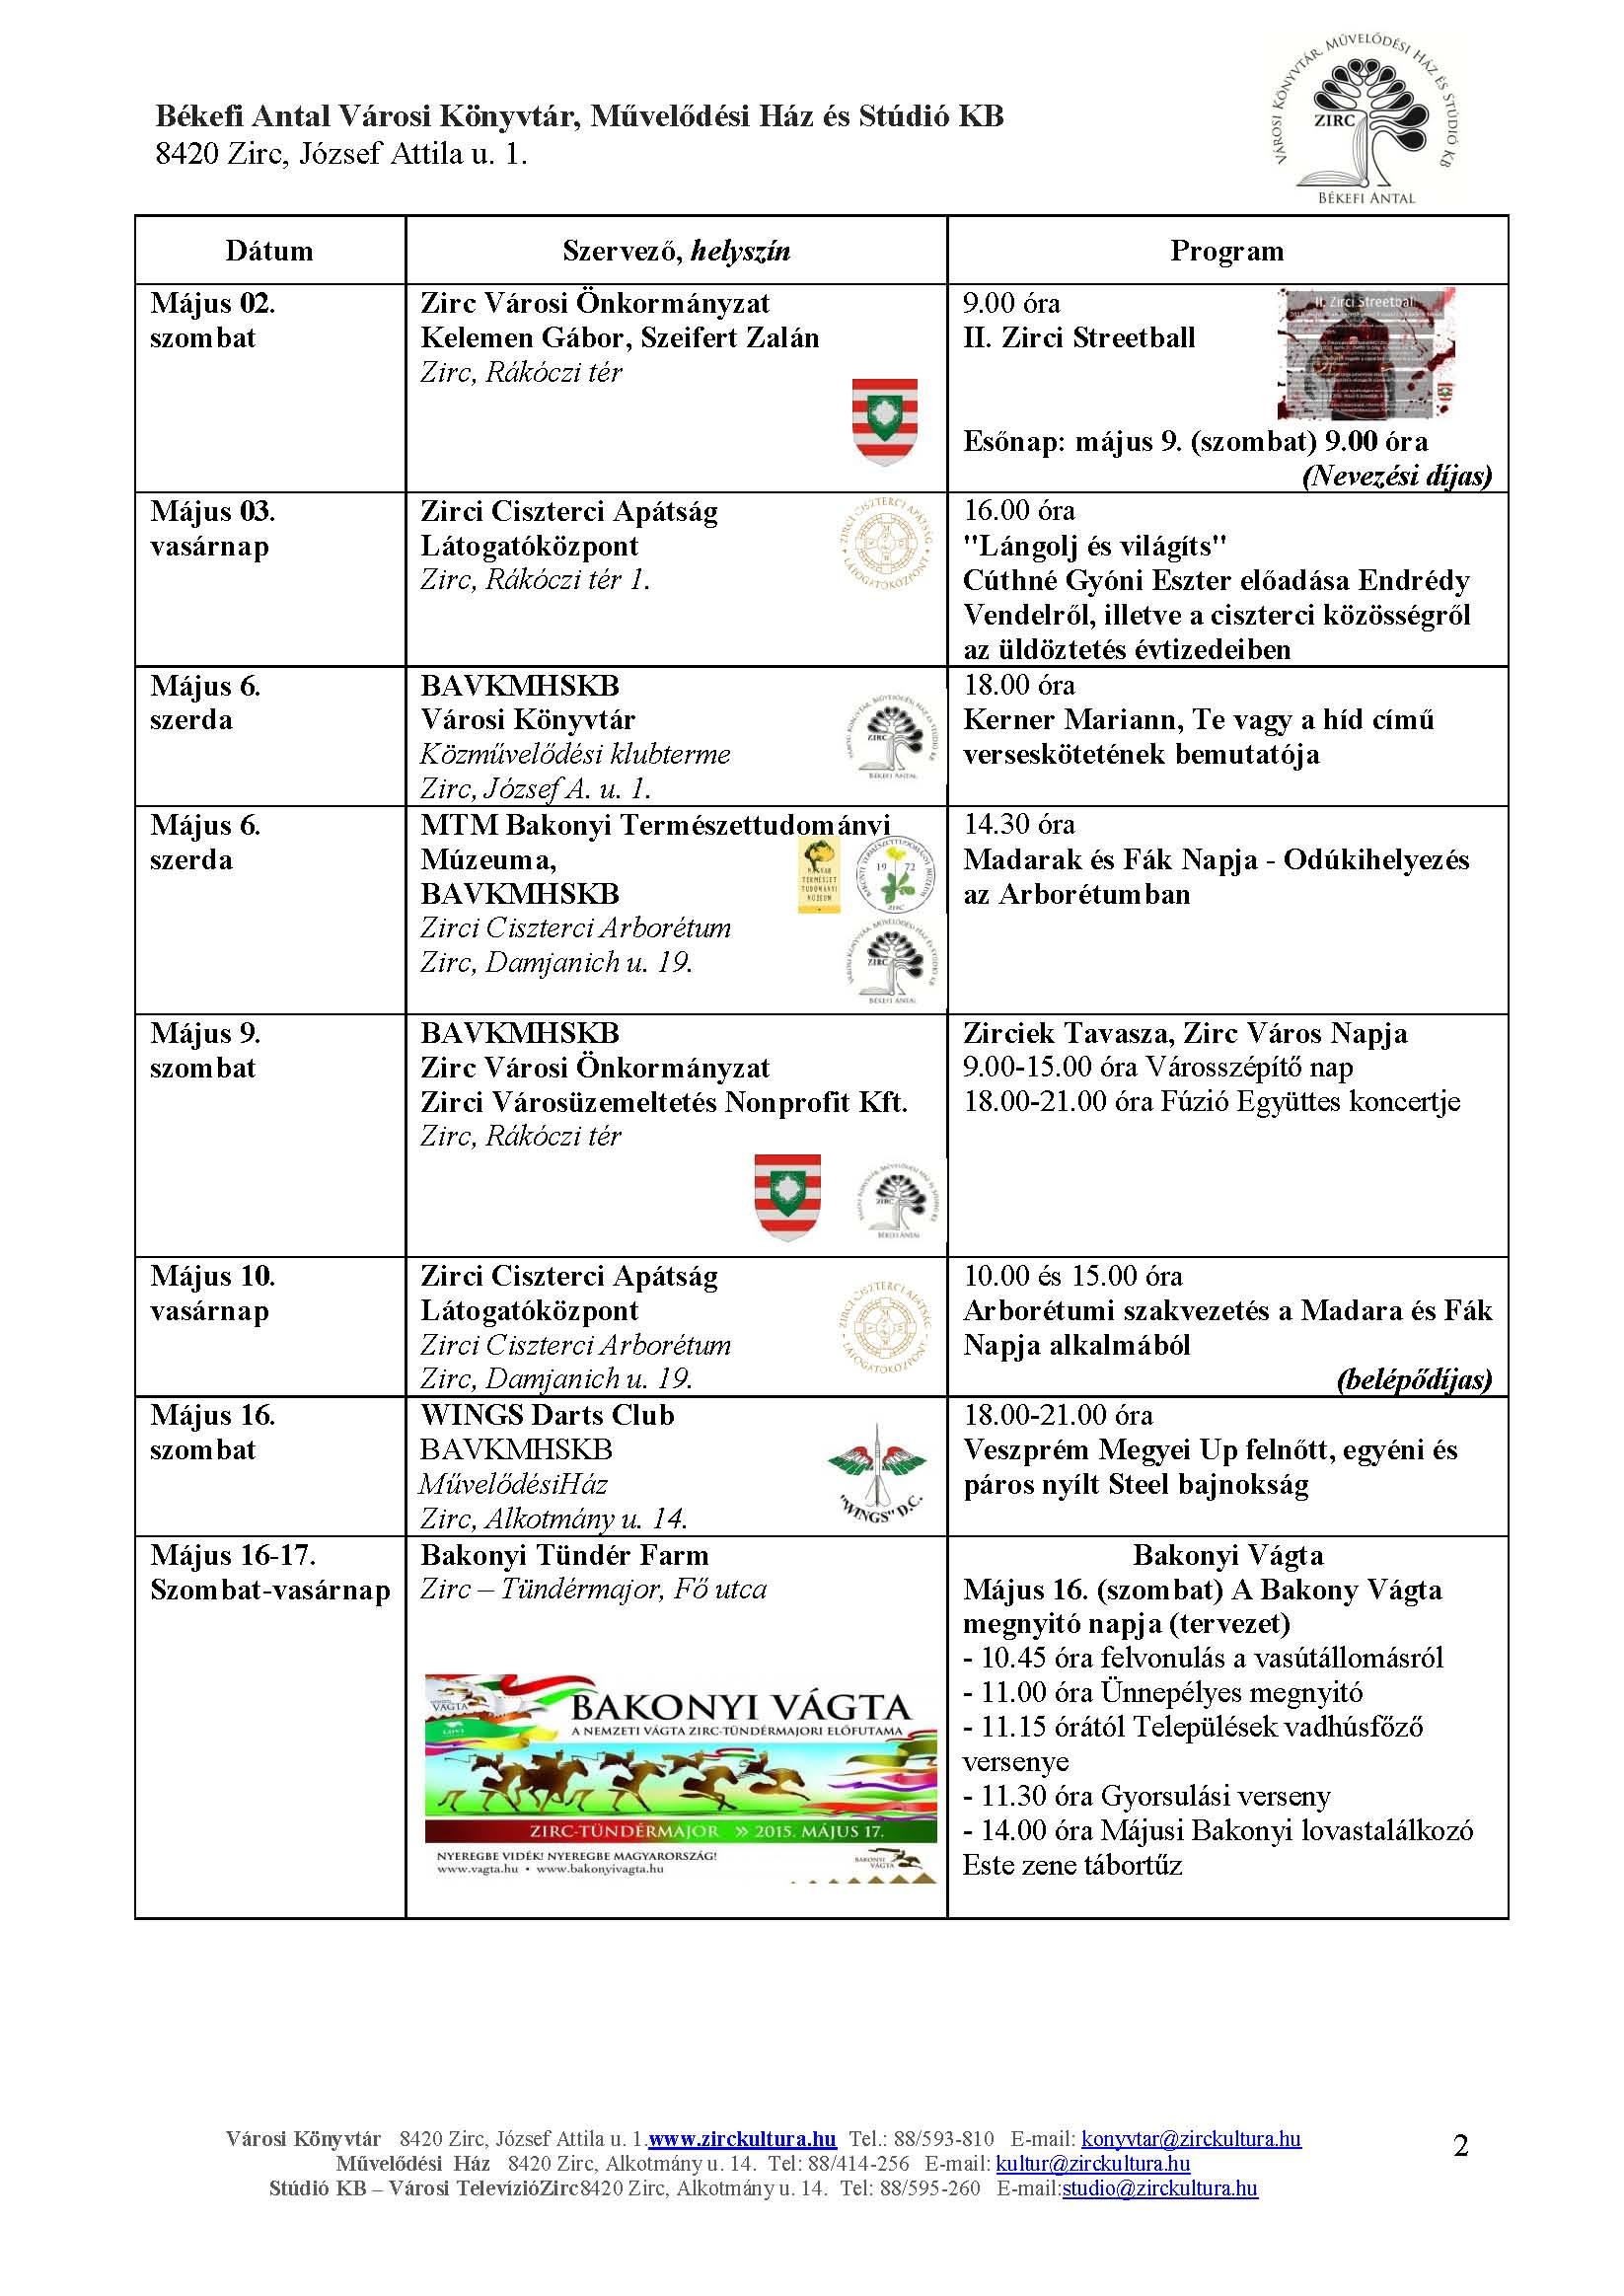 pmh-2015_05_majusi_programok_zircen1_oldal_2.jpg